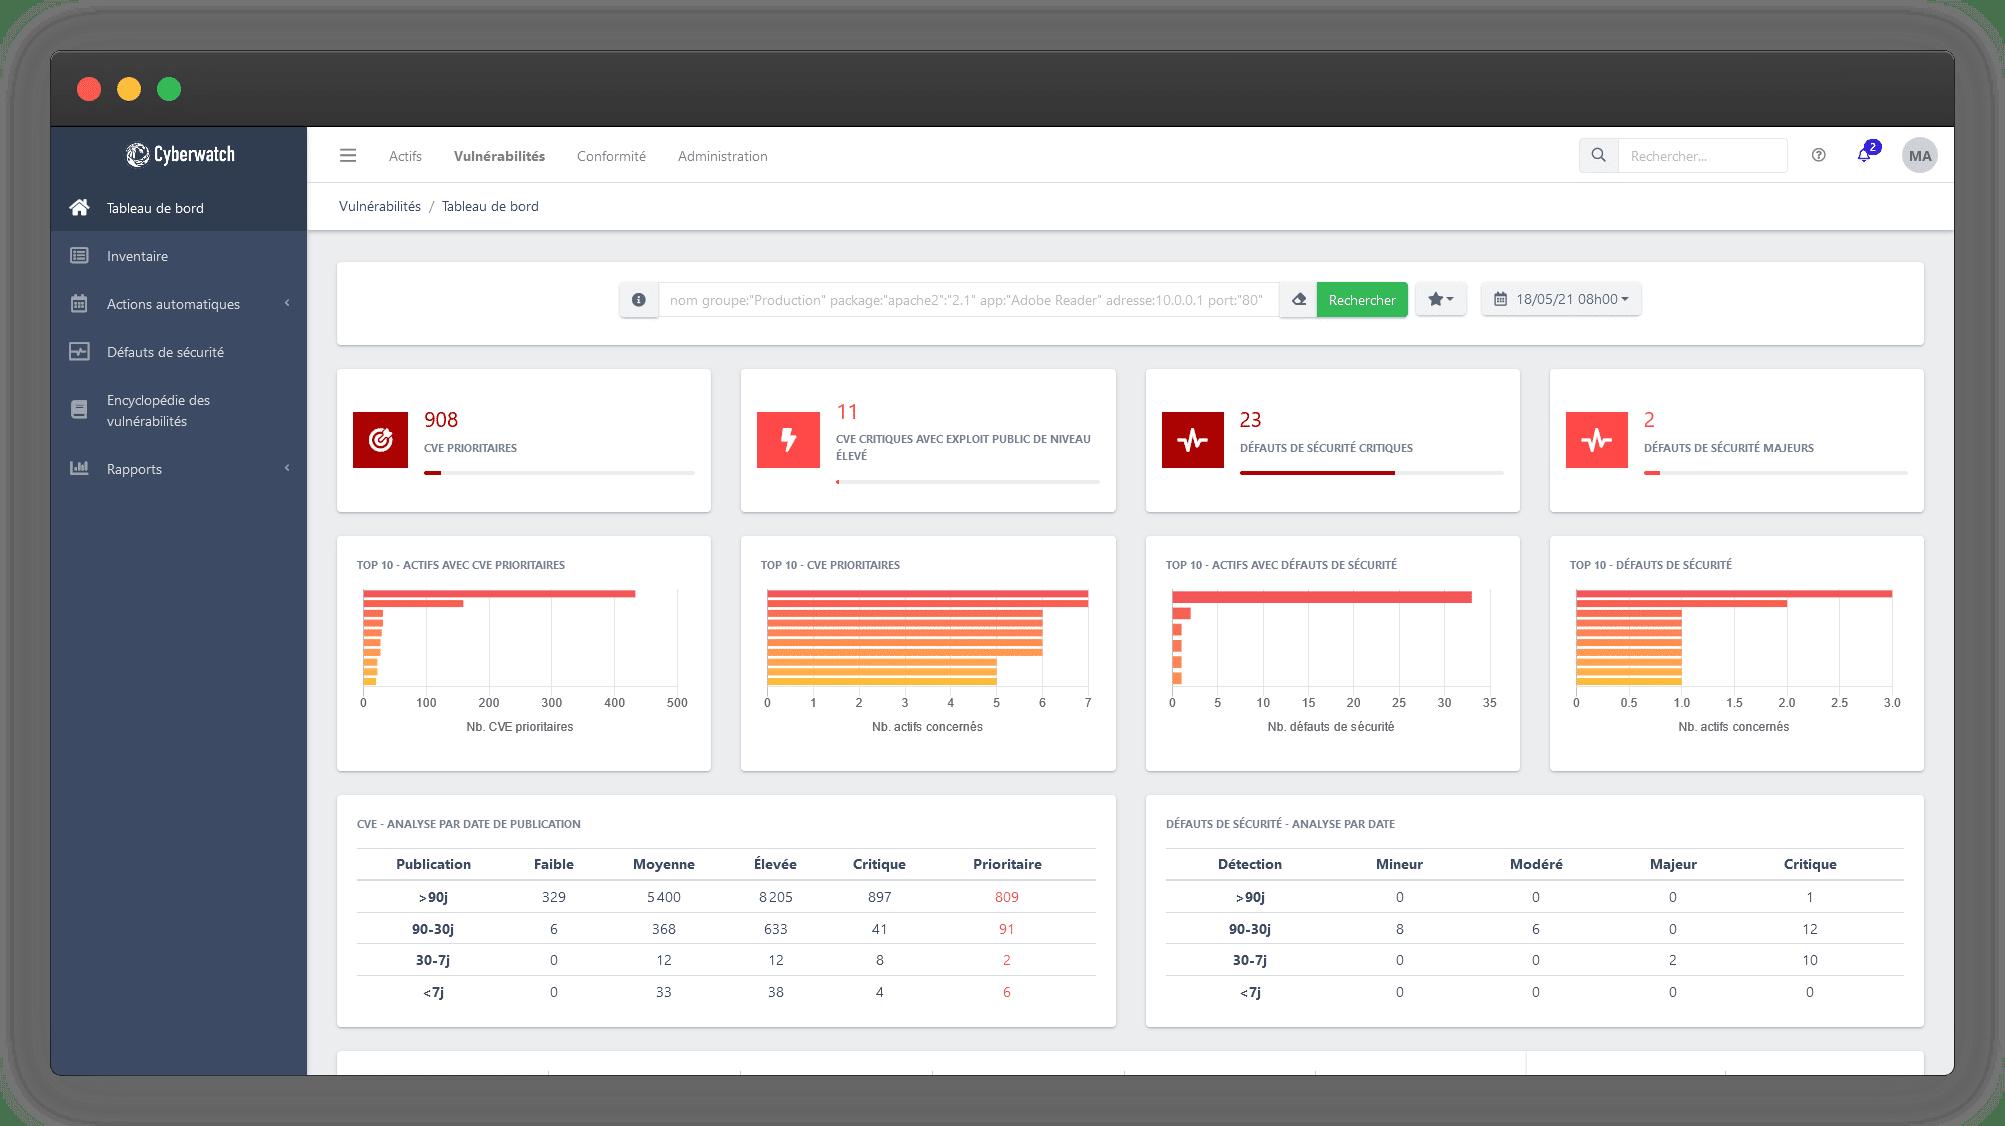 Cyberwatch Vulnerability Manager est une plateforme de gestion des vulnérabilités, avec cartographie du système d'information, détection des vulnérabilités, priorisation basée sur le risque et sur les contraintes métiers, aide à la décision, et module de correction embarqué.